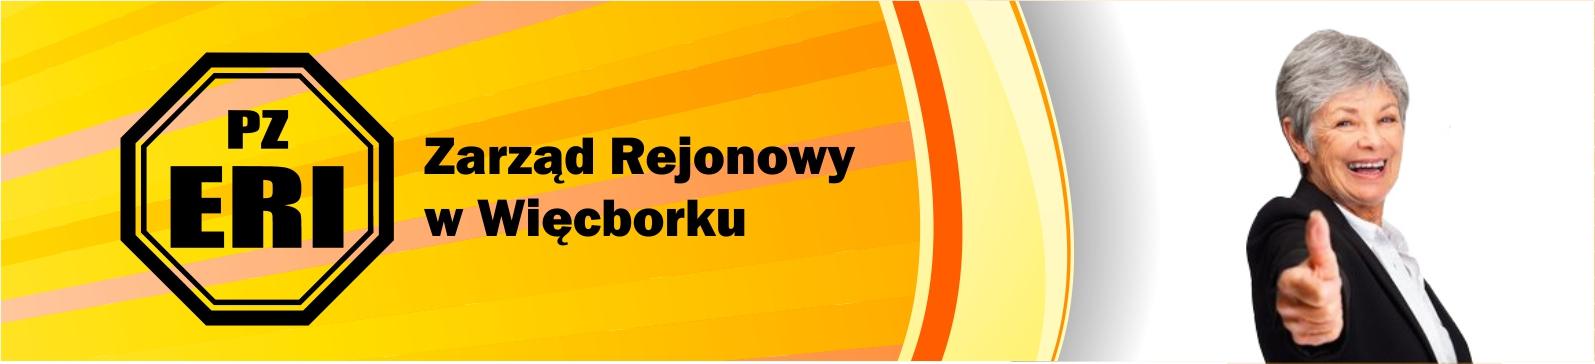 Polski Związek Emerytów Rencistów i Inwalidów - Zarząd Rejonowy w Więcborku